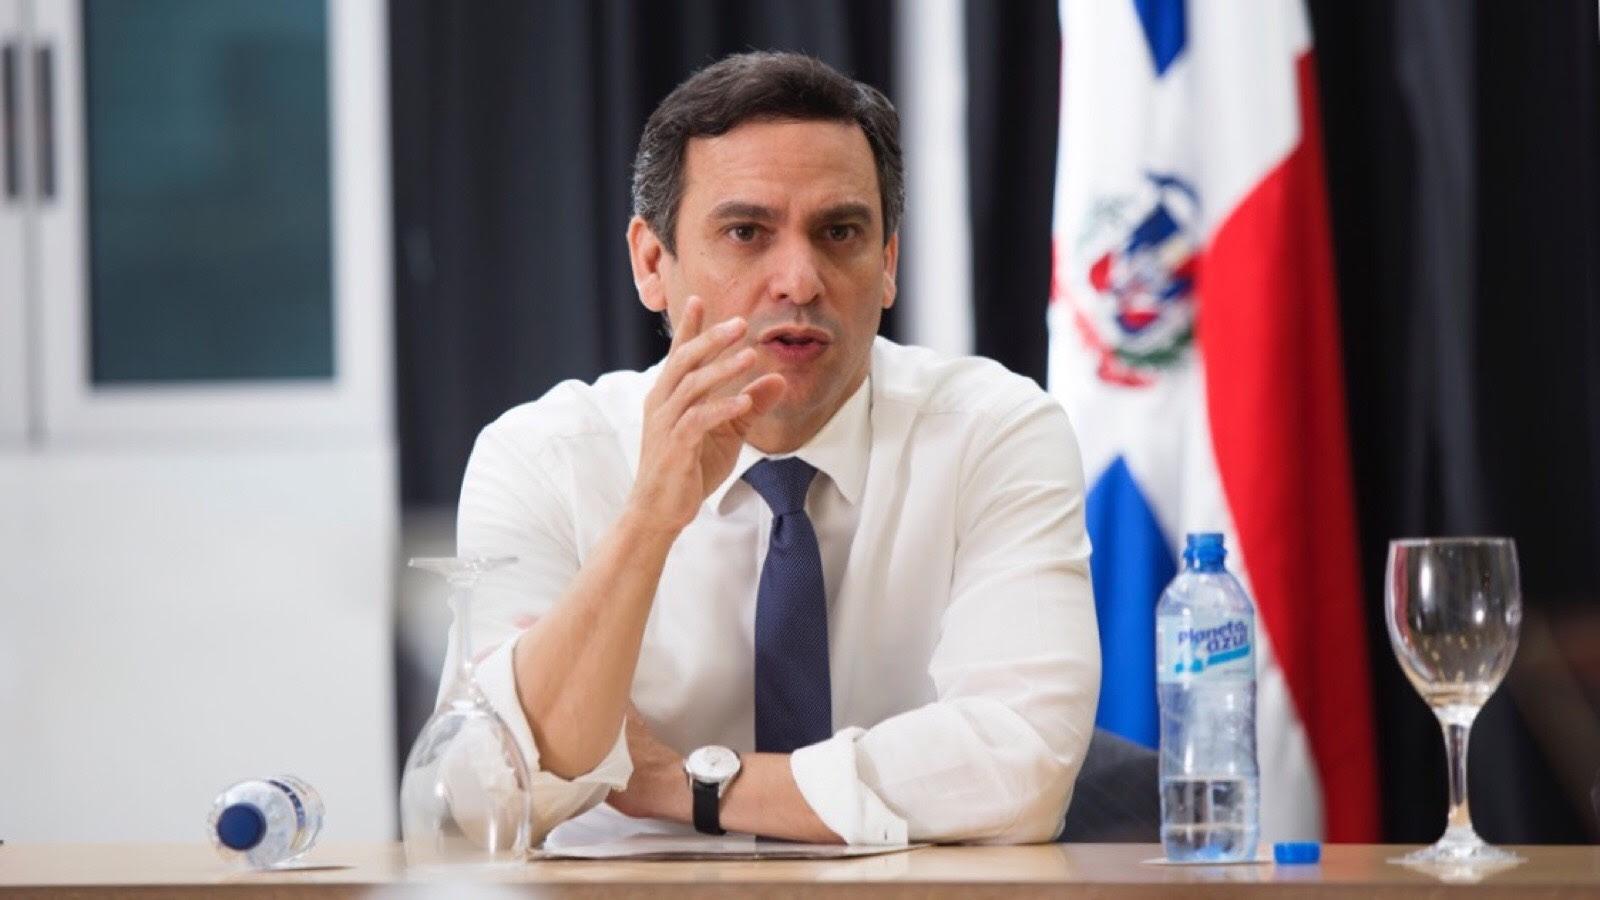 , Aumentan oportunidades de República Dominicana de competir en grandes mercados